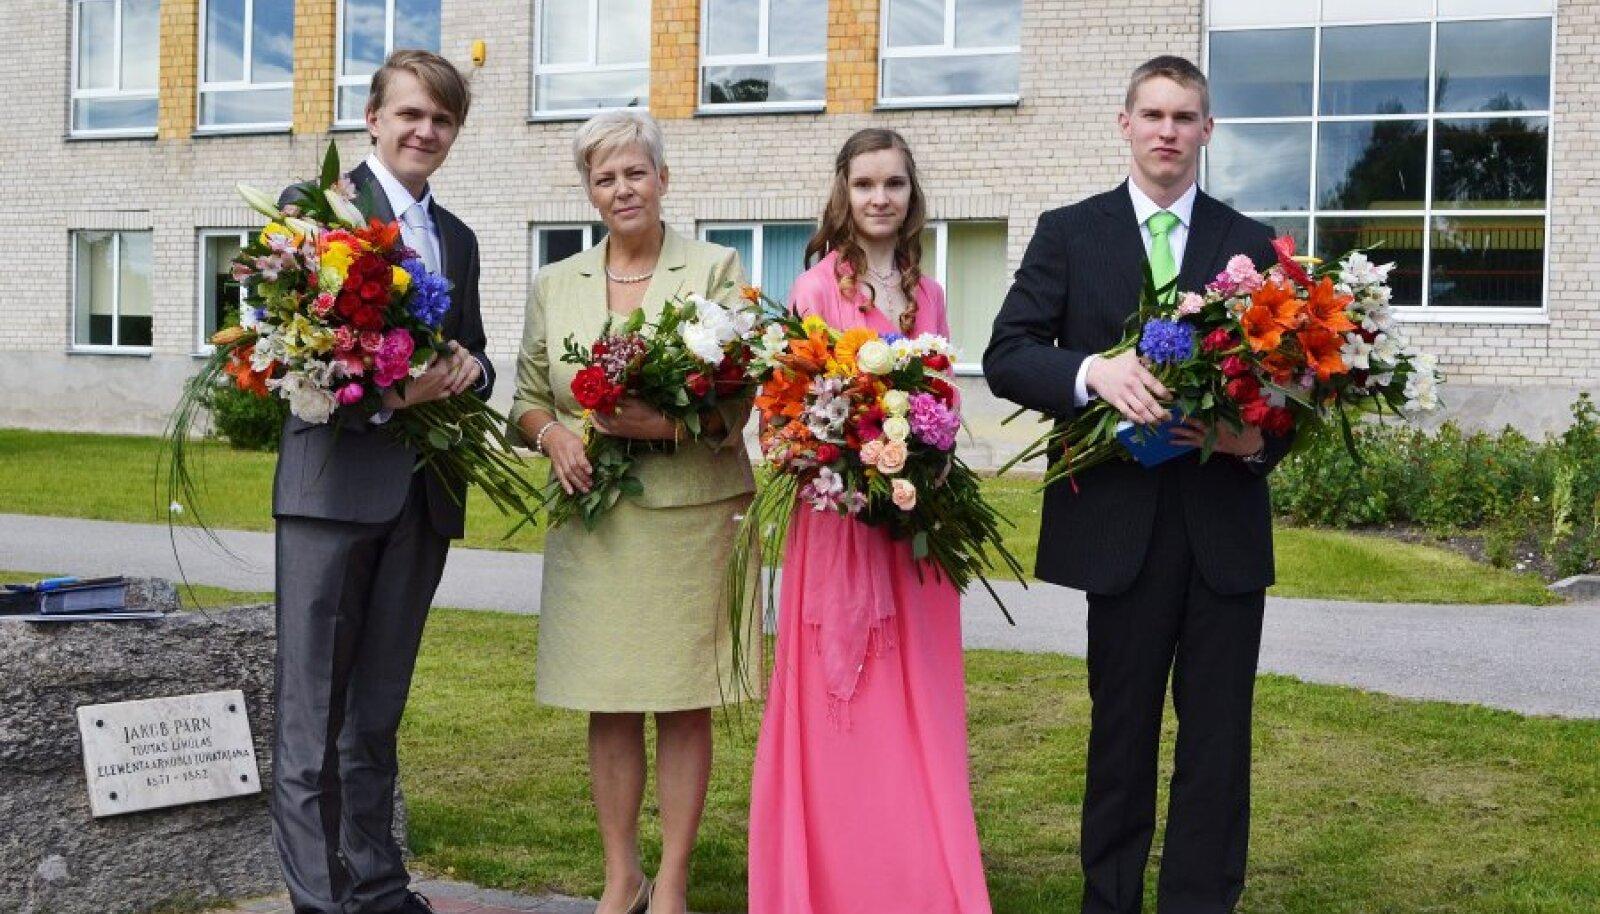 Lihula gümnaasiumi 72. lend. Vasakult Heini Heinlaid, klassijuhataja Rosemaria Raidlepp, Heddi Heinlaid ja Simo Stahlman